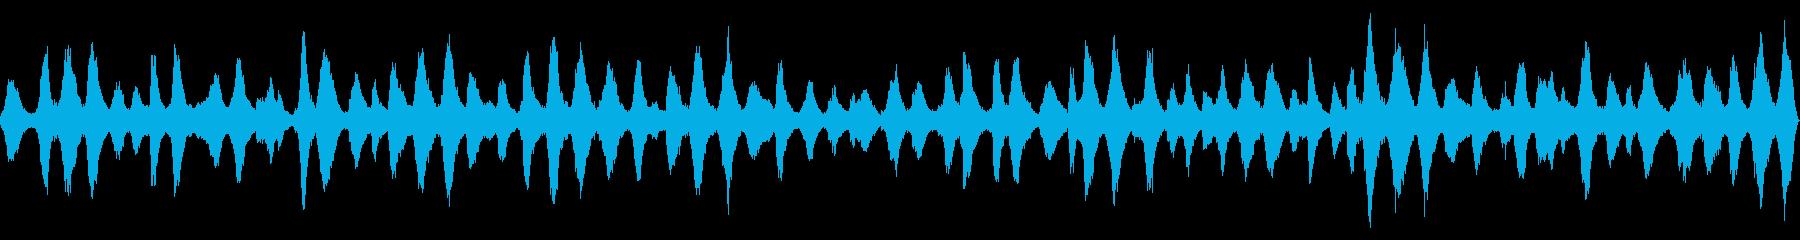 海辺近くの洞穴から録音した波音【秋、昼】の再生済みの波形